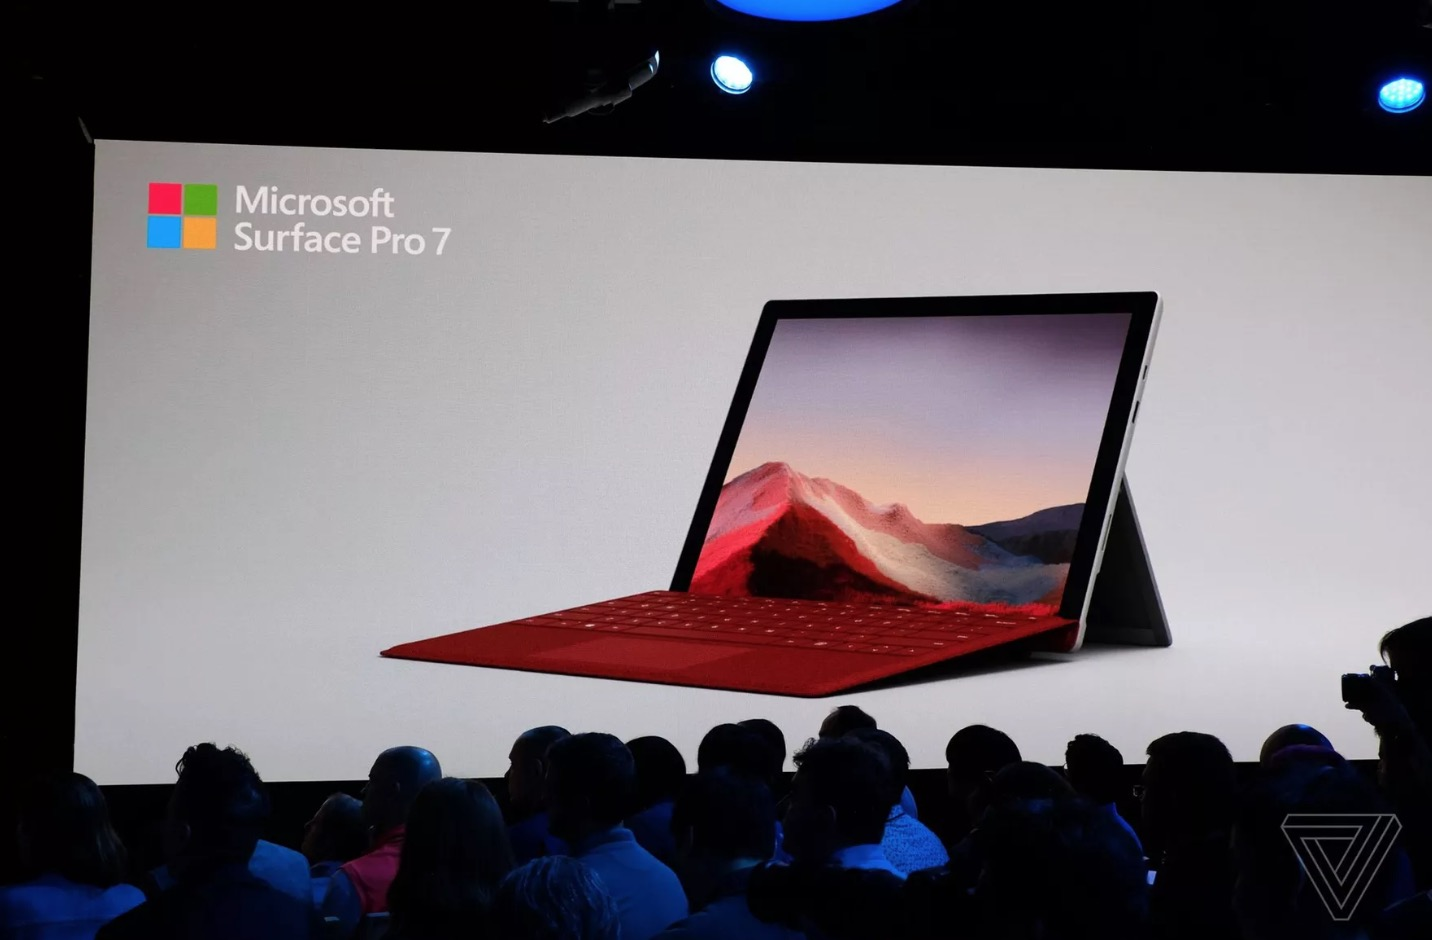 Surface Pro 7 chính thức ra mắt: Bổ sung cổng USB Type-C, chip Intel thế hệ 10, giá từ 749 USD